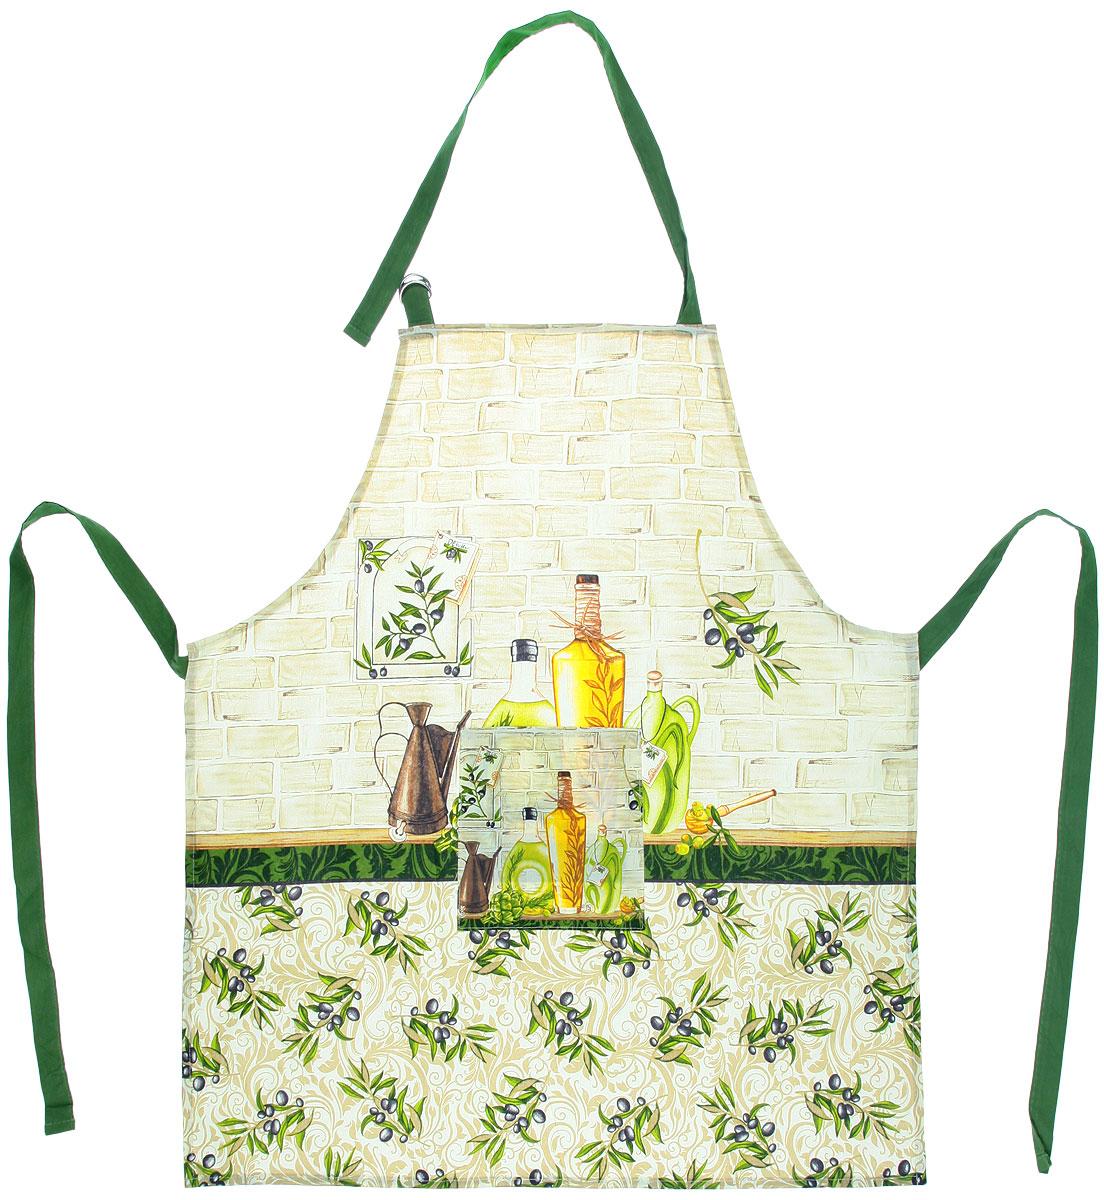 Фартук Bon Appetit Olive, 68 см х 75 смVT-1520(SR)Фартук Bon Appetit Olive, изготовленный из натурального 100% хлопка, оснащен карманом и регулируемым шейным ремешком, который поможетподогнать фартук по вашему росту. Удлиненный пояс можно завязать сзади или обернуть вокругталии. Такой фартук поднимет настроение, позволит почувствовать себя нарядной и женственной при выполнении домашних дел.